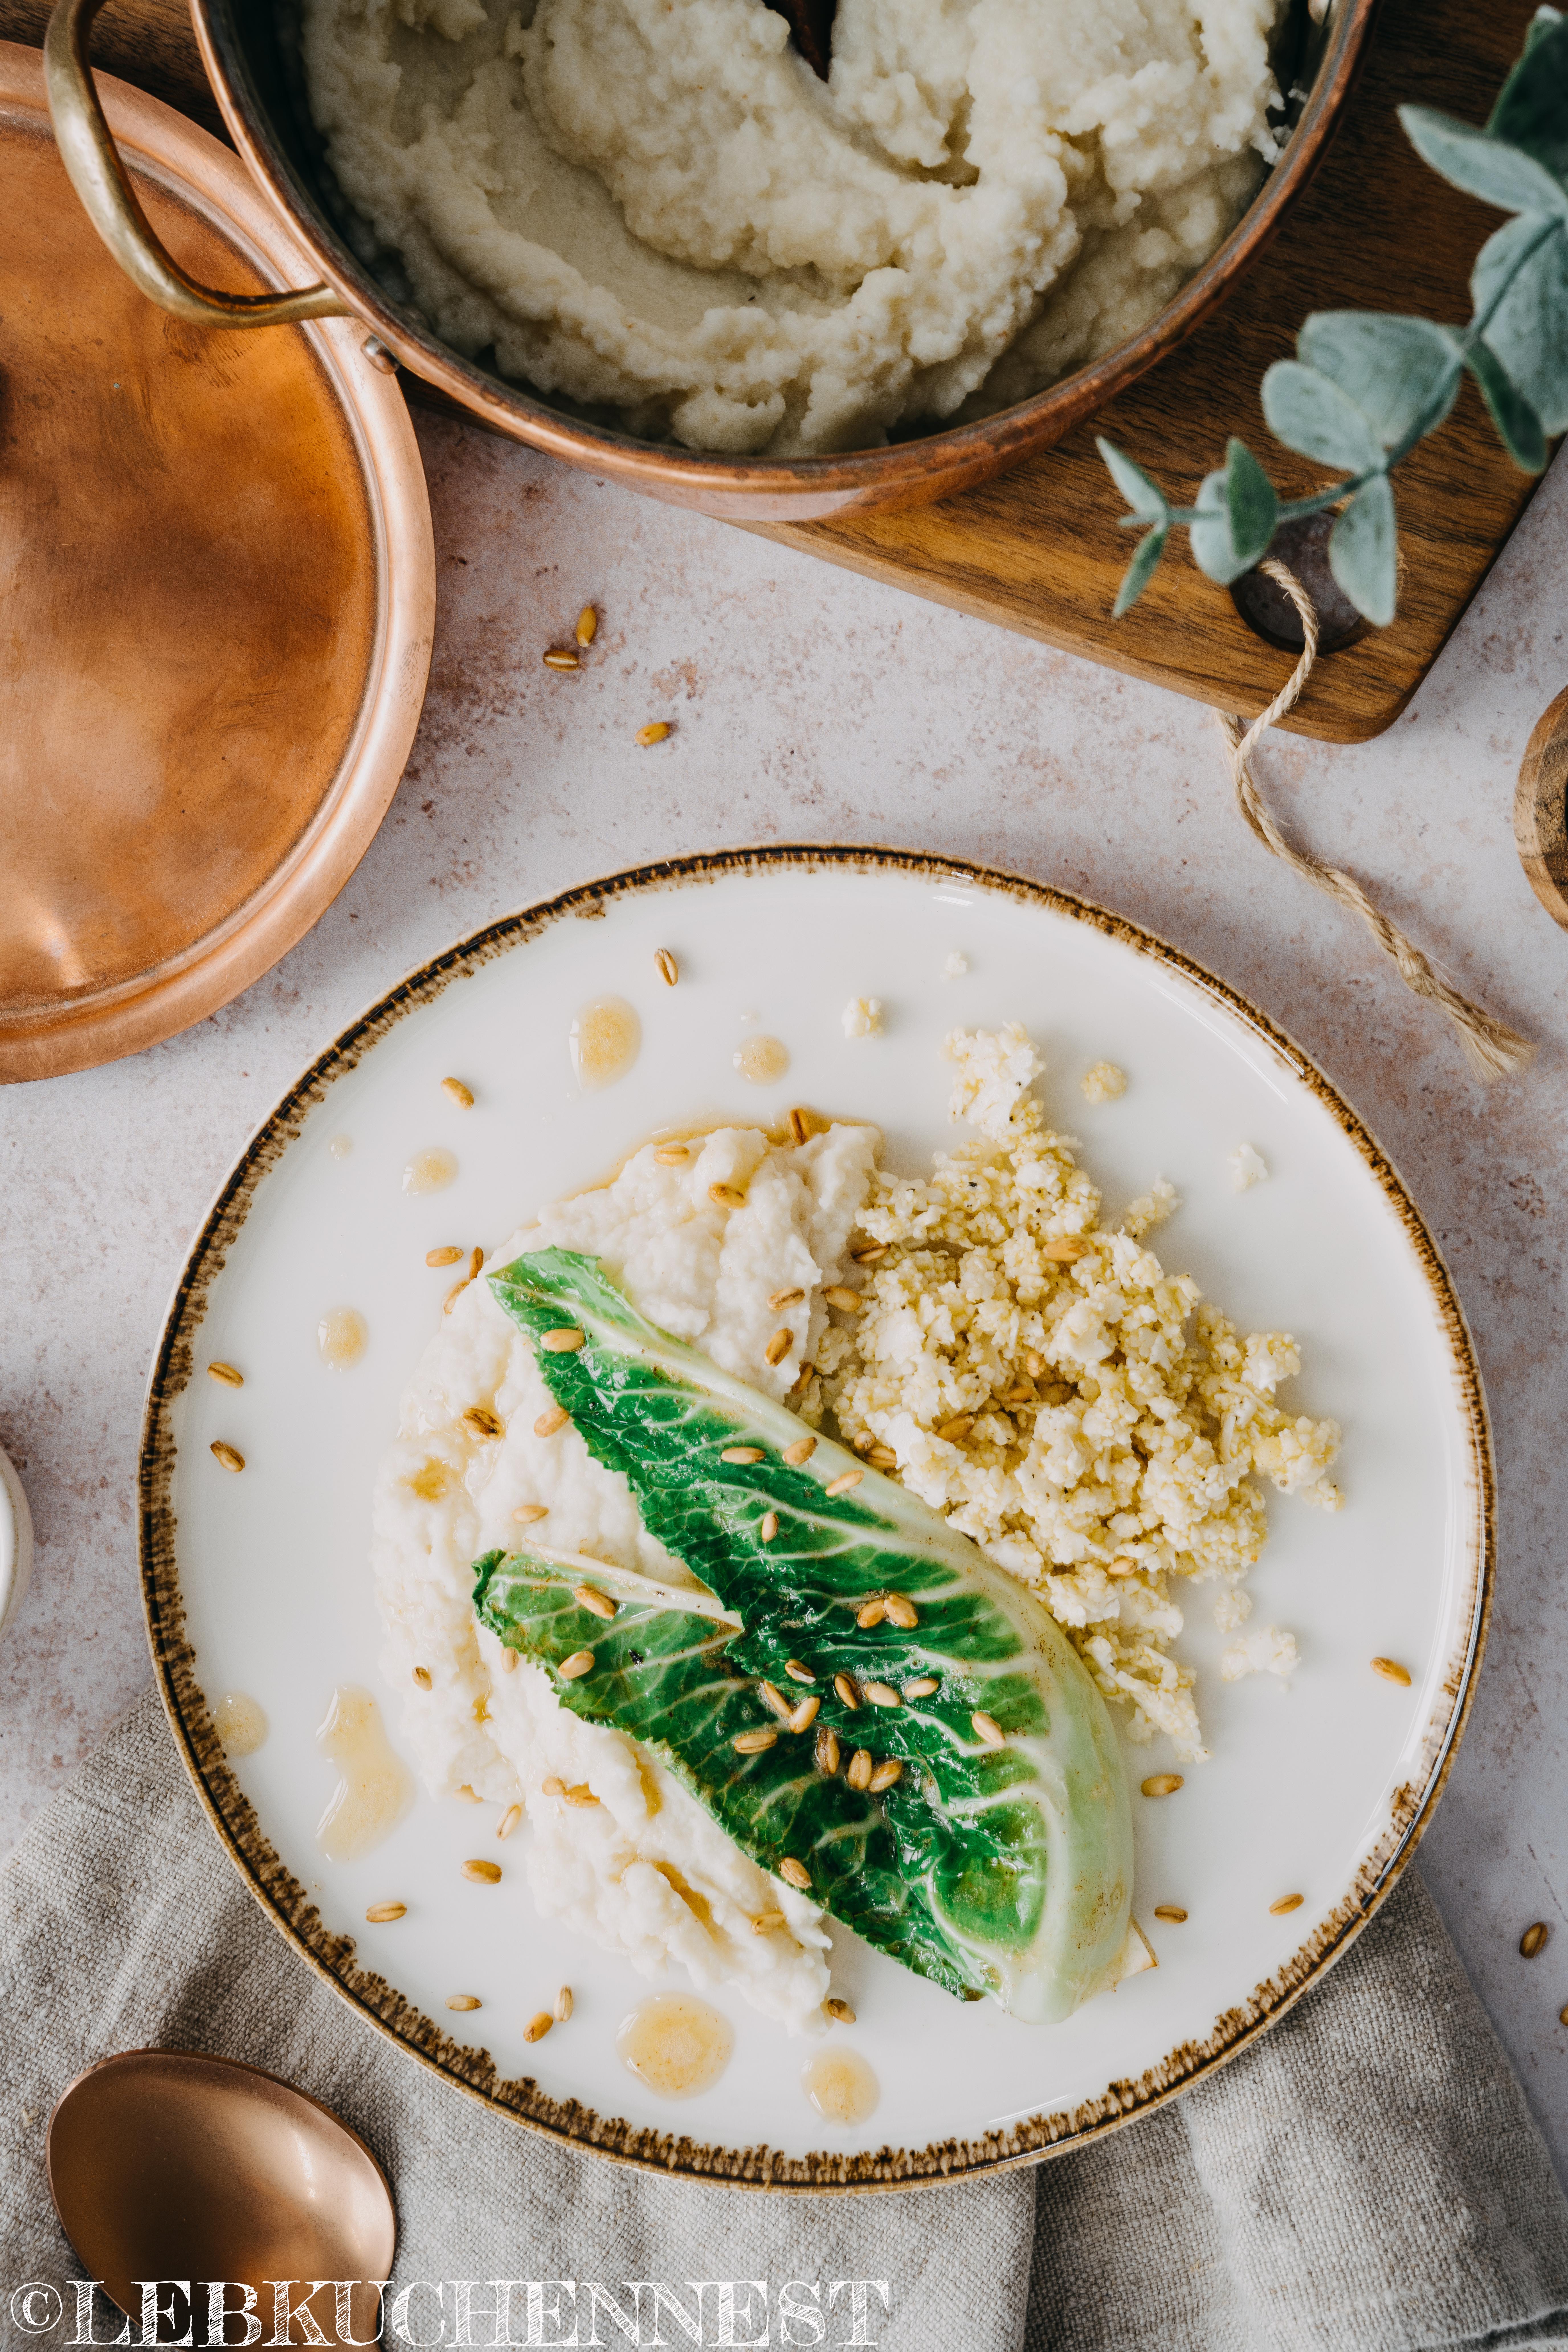 Kochen in Kupfer - Blumenkohlcouscous